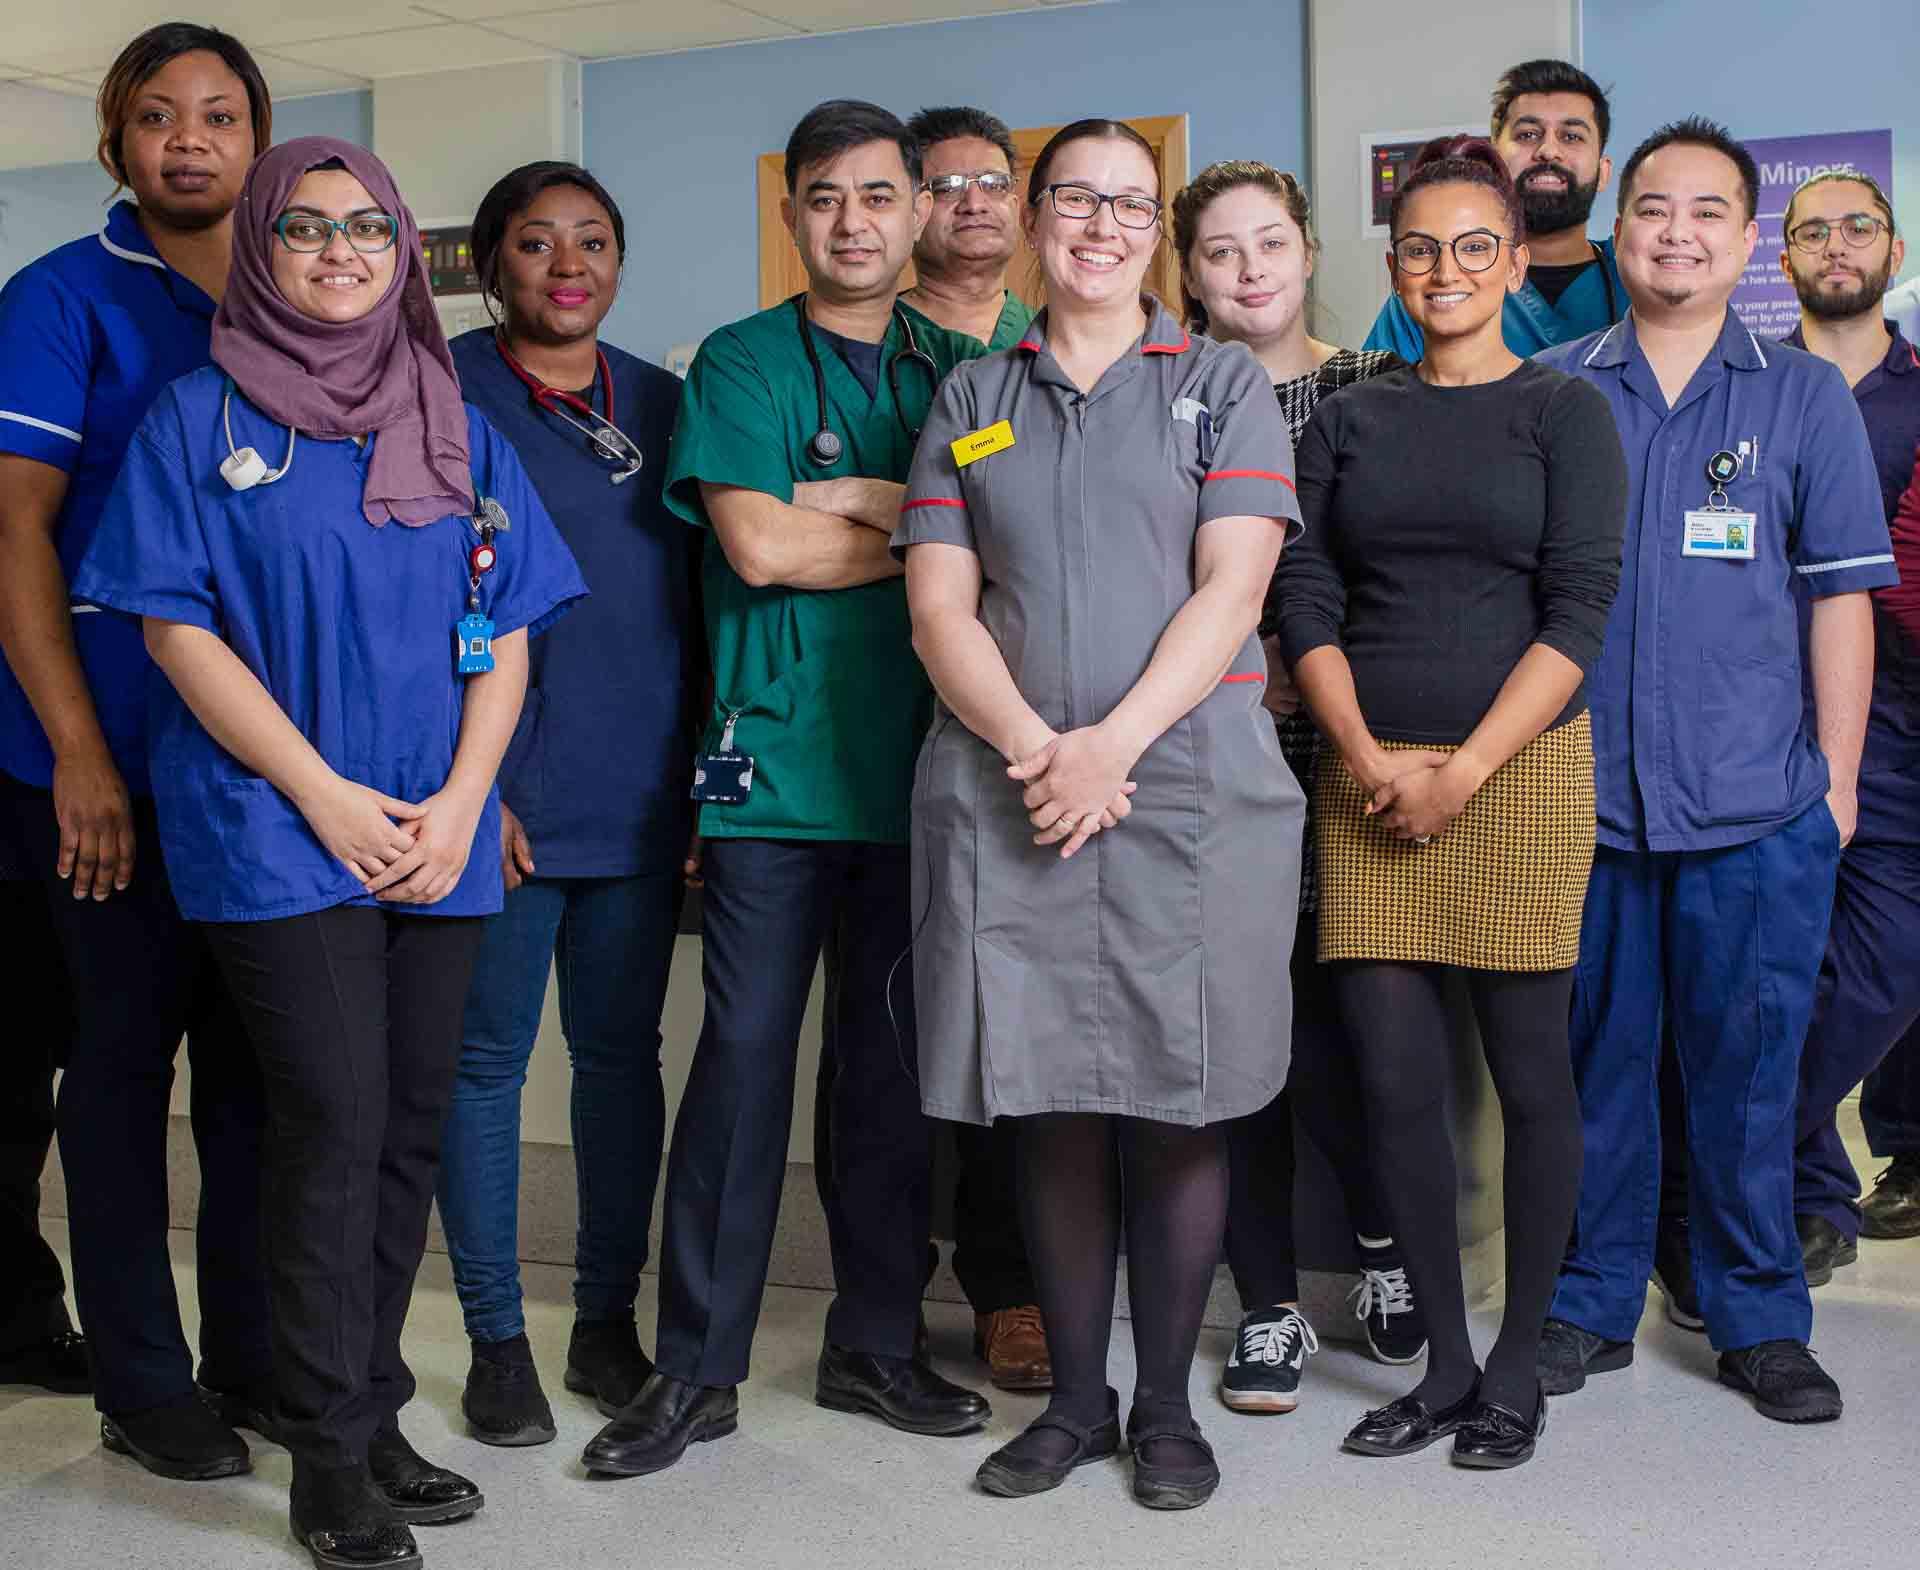 NHS video group shot